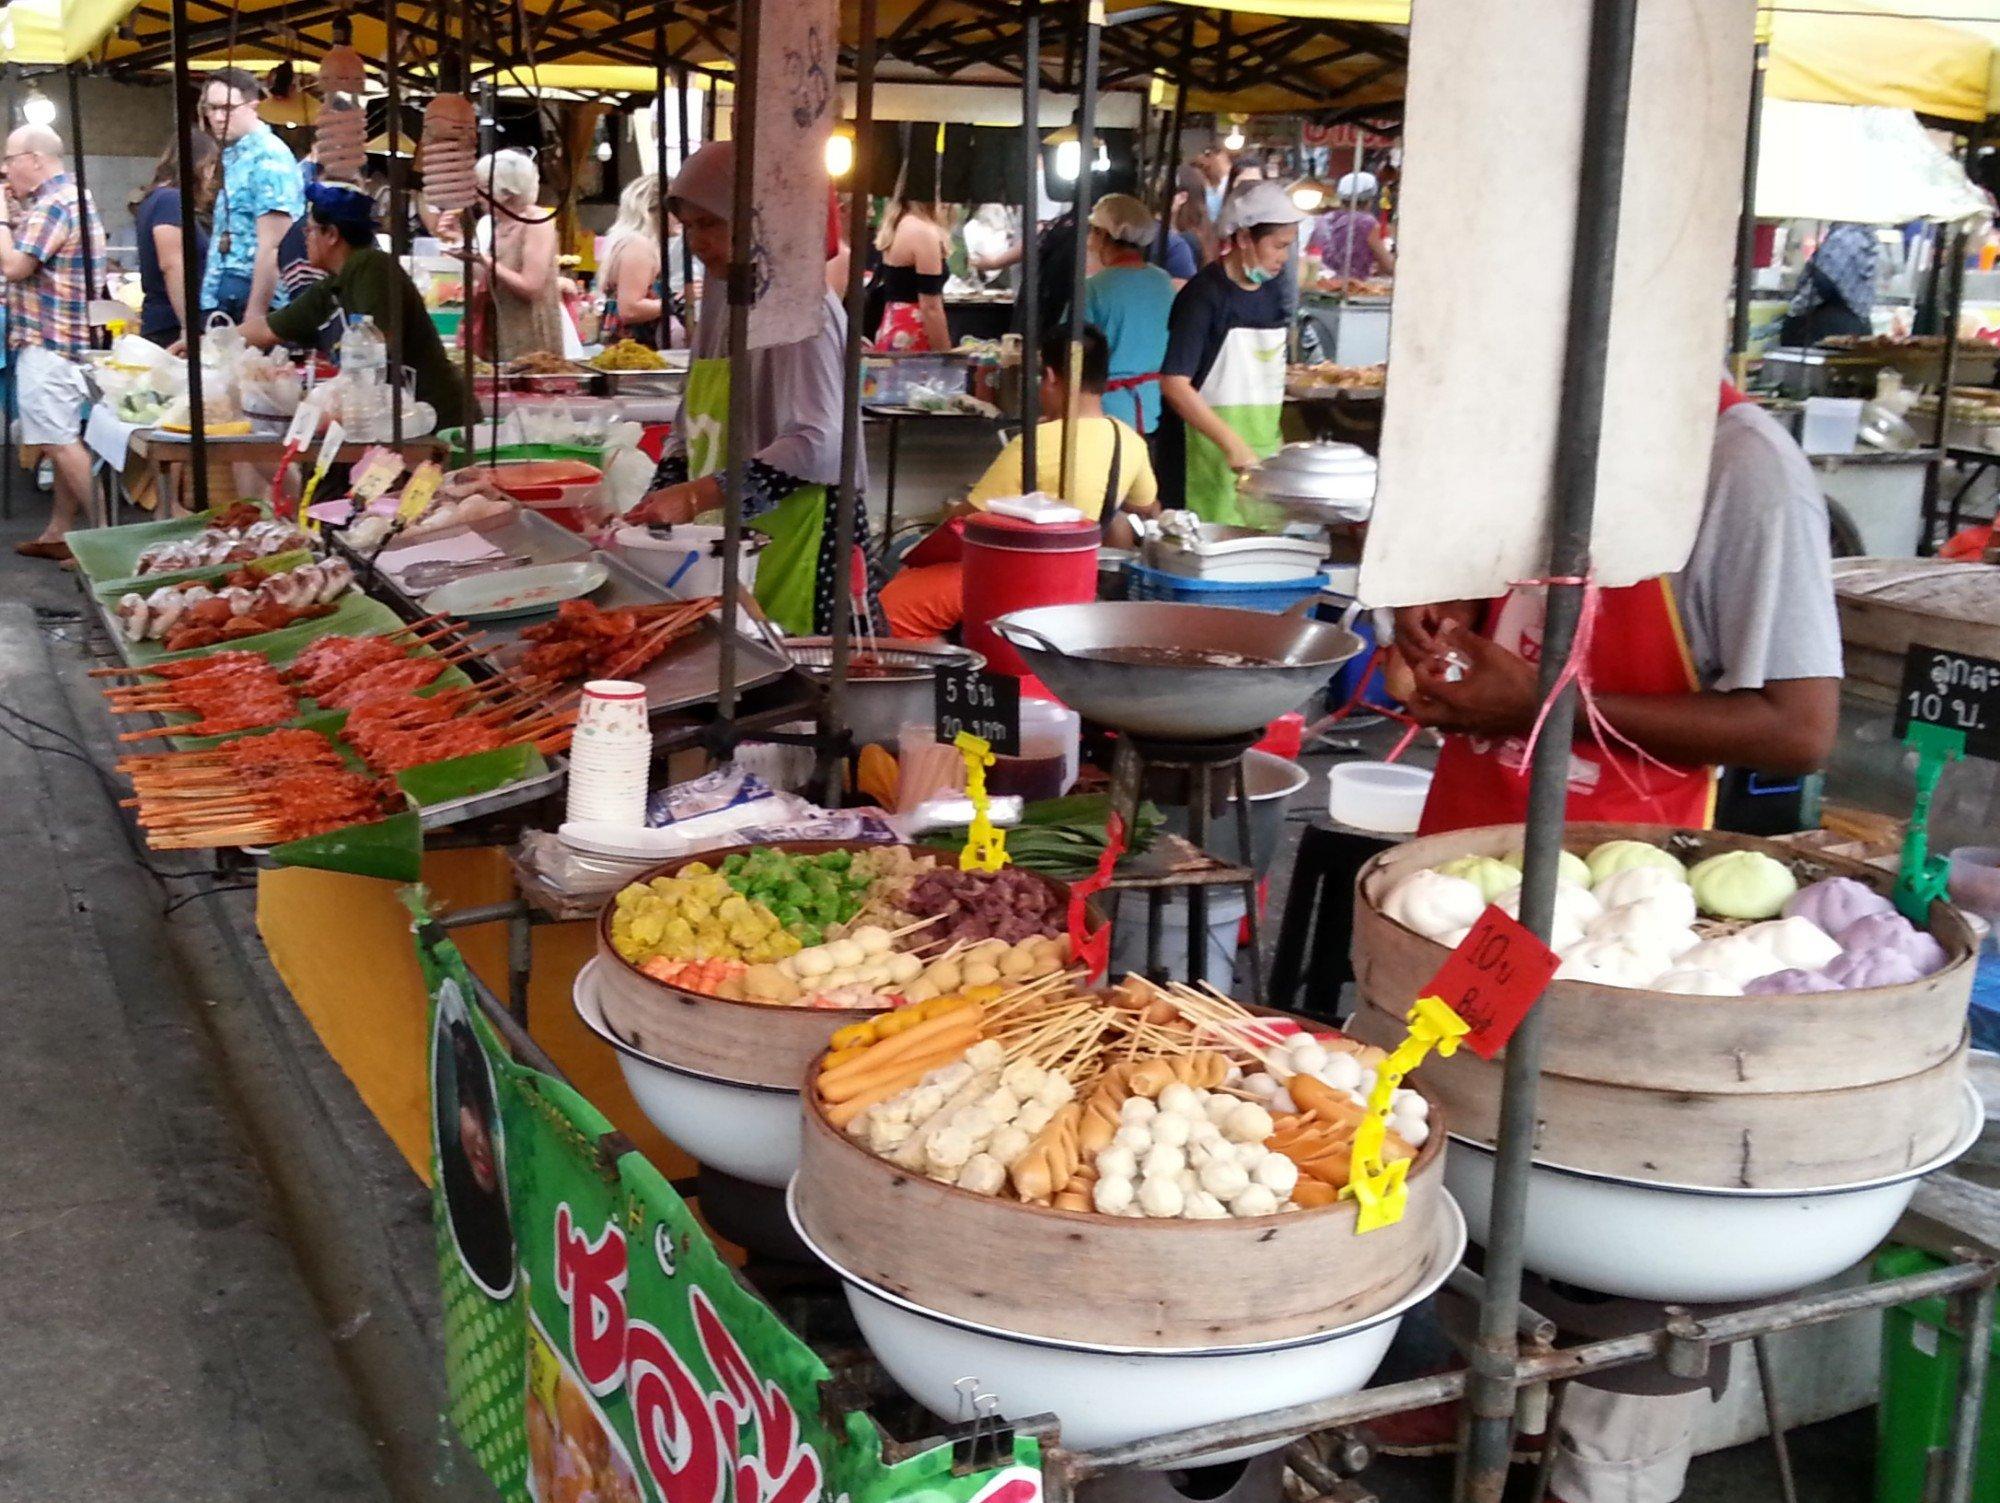 Food stall at Krabi Town Walking Street